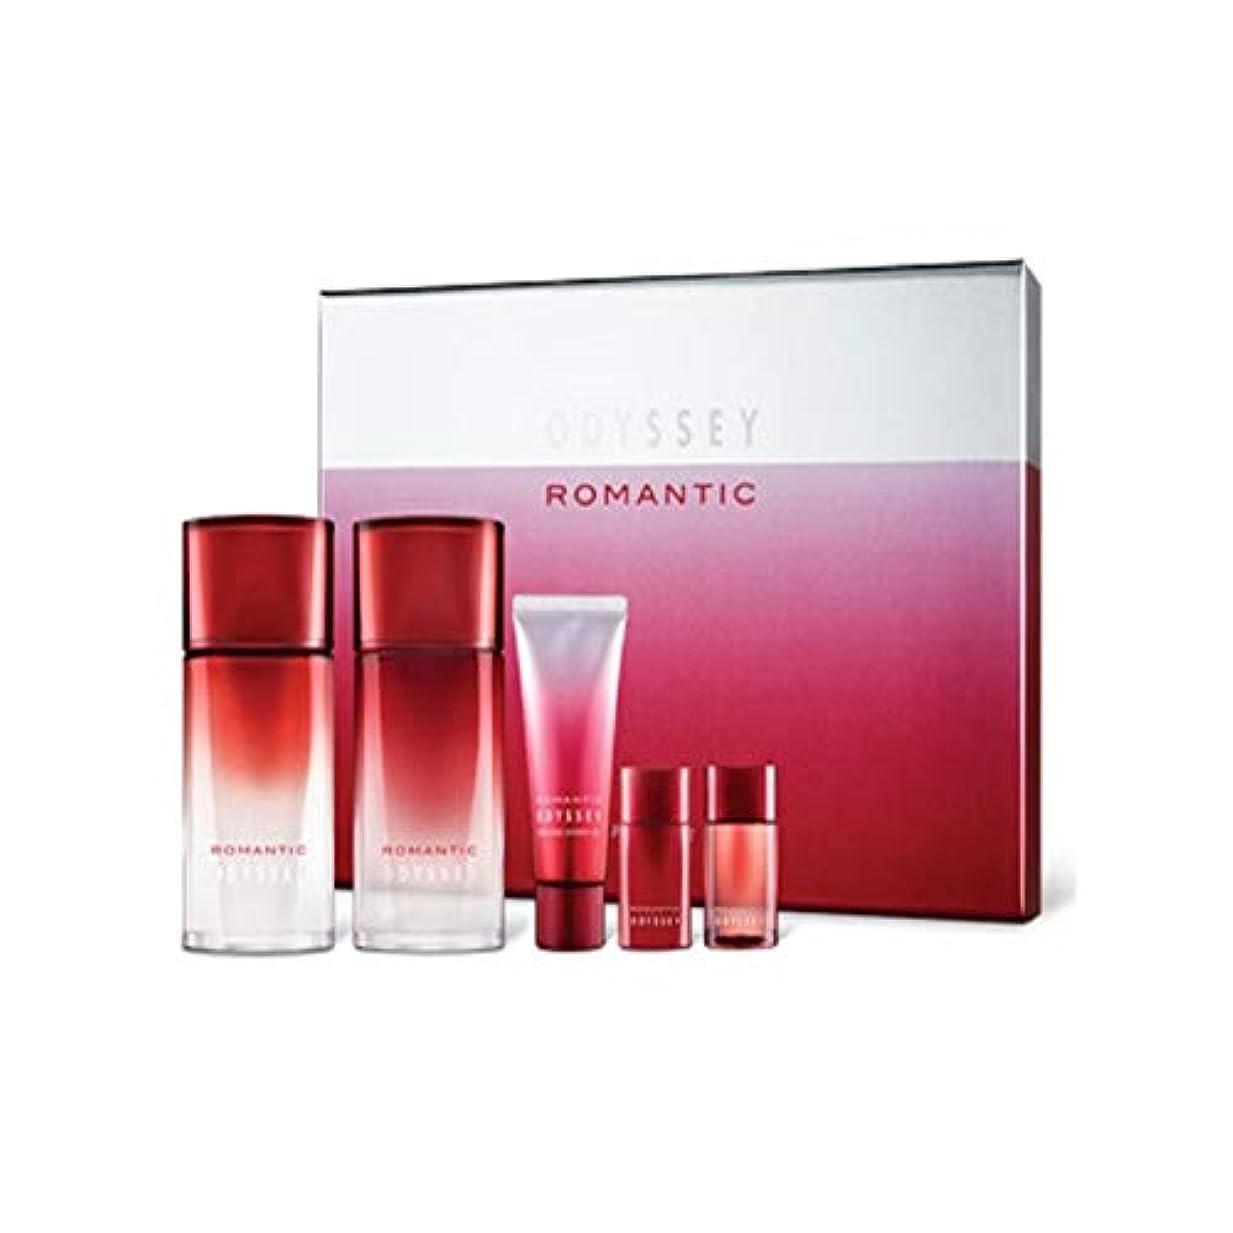 コンチネンタル納税者だますオデッセイロマンチックスキンリファイナーローションセットメンズコスメ韓国コスメ、Odyssey Romantic Skin Refiner Lotion Set Men's Cosmetics Korean Cosmetics...